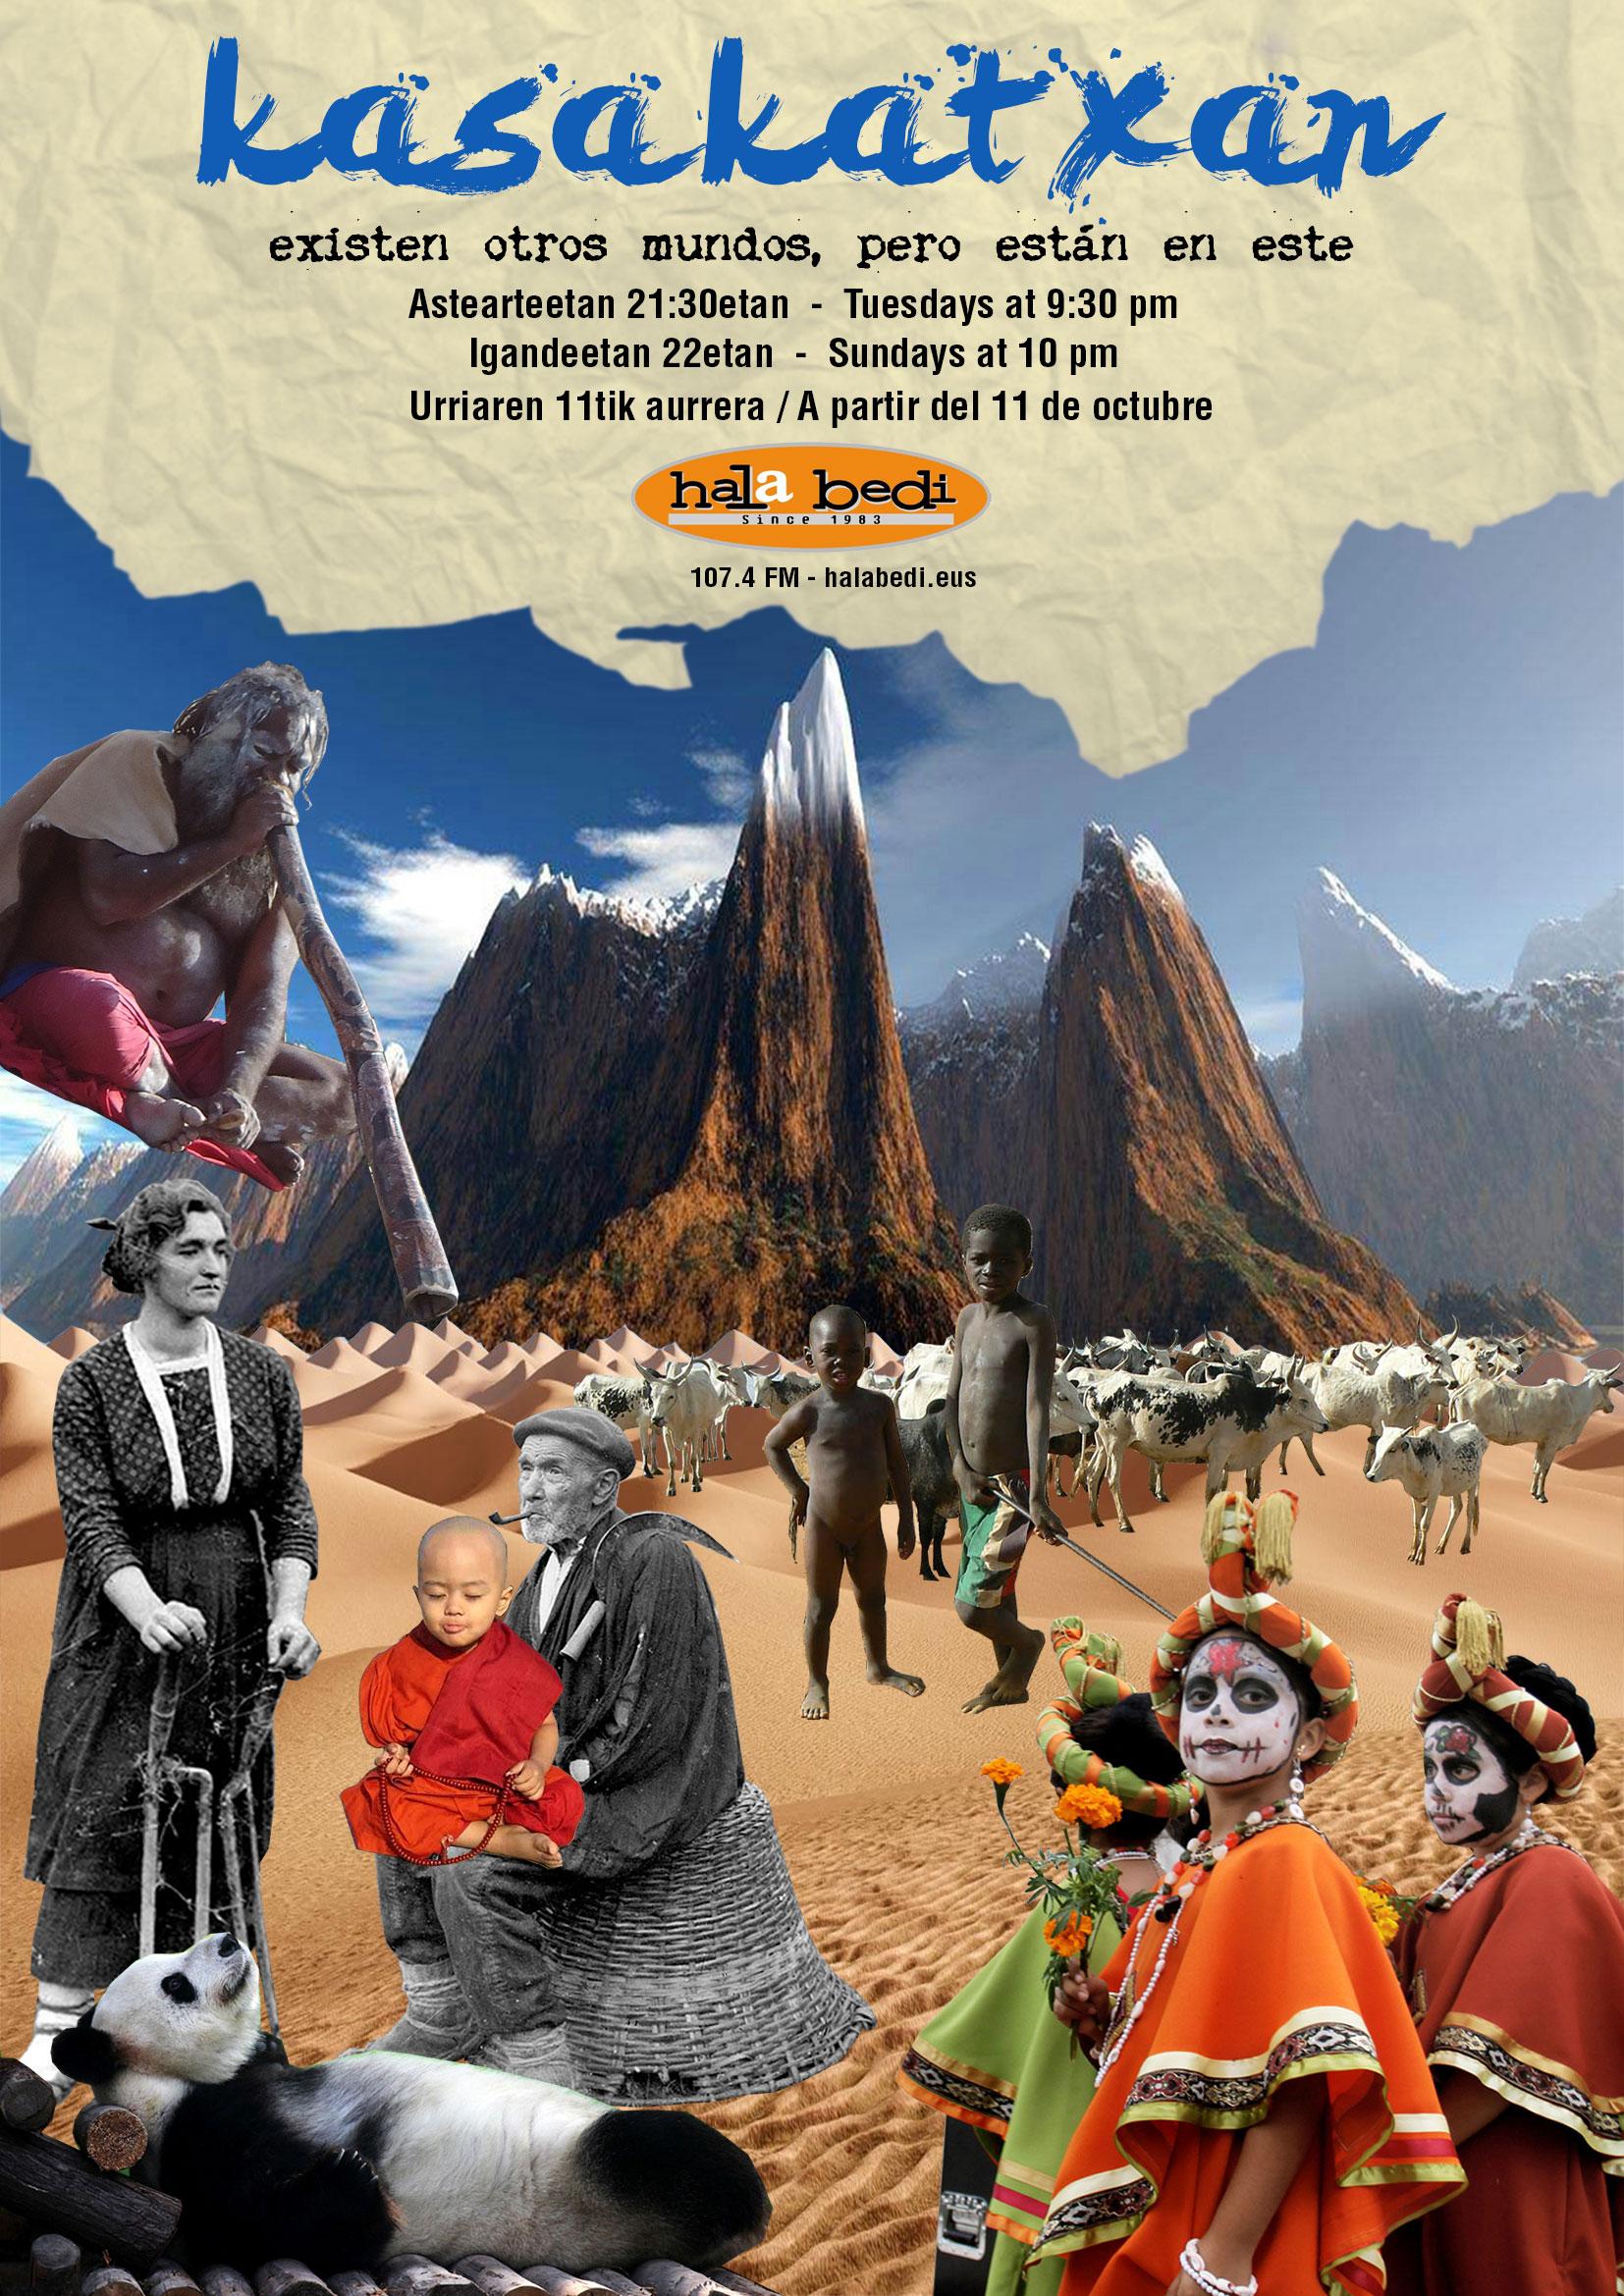 Kasakatxan 2016 – 1ª TEMPORADA COMPLETA